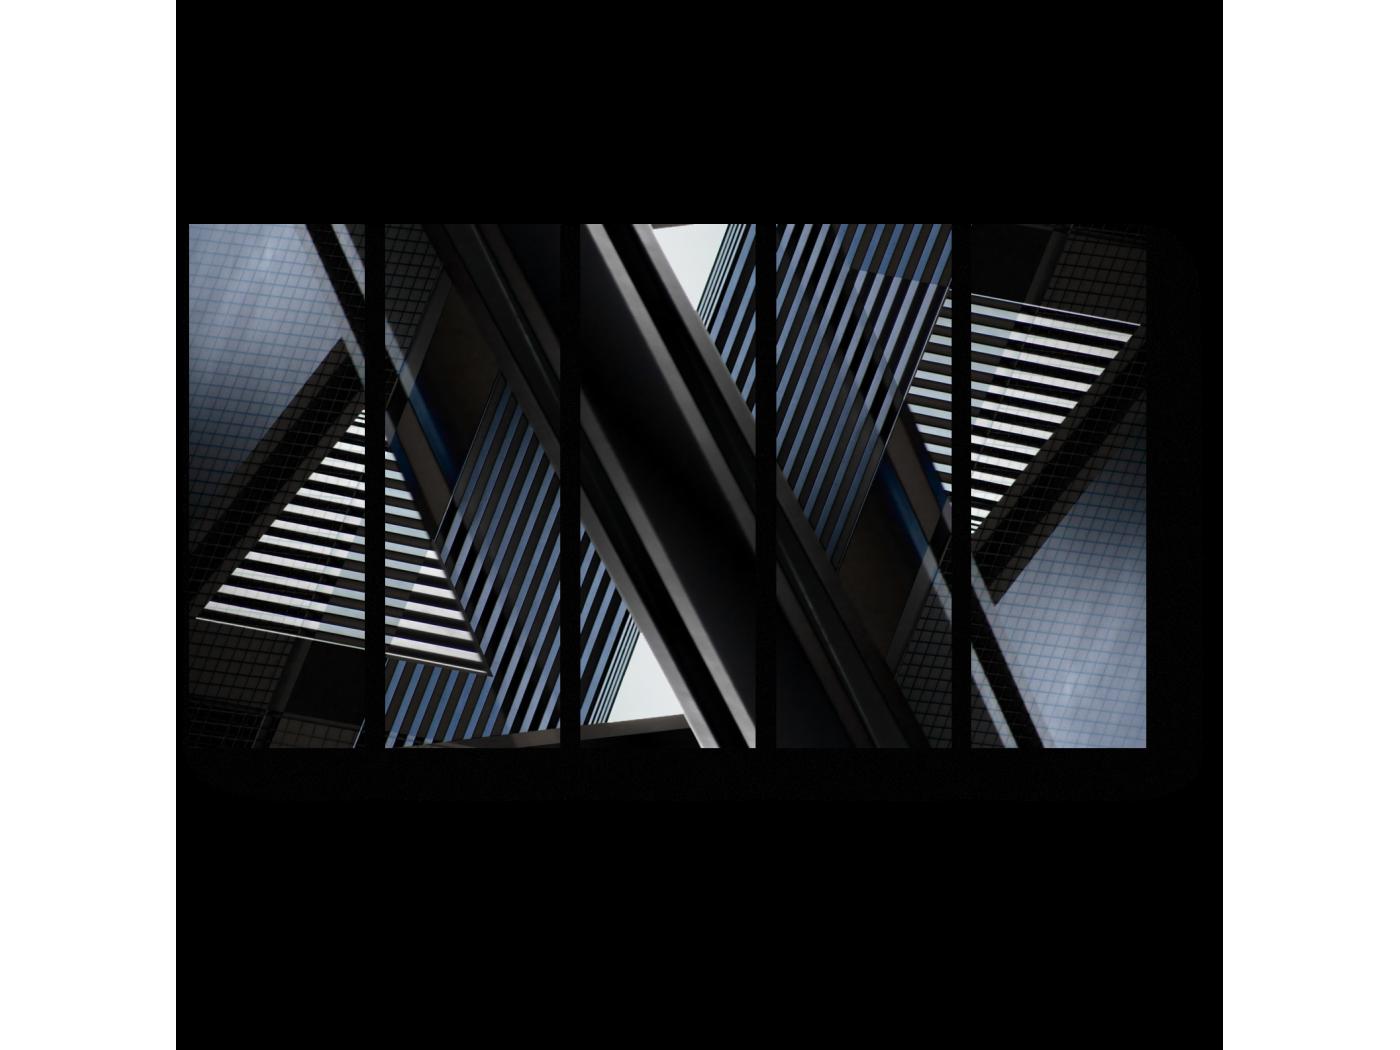 Модульная картина Лаконичные детали (90x54) фото